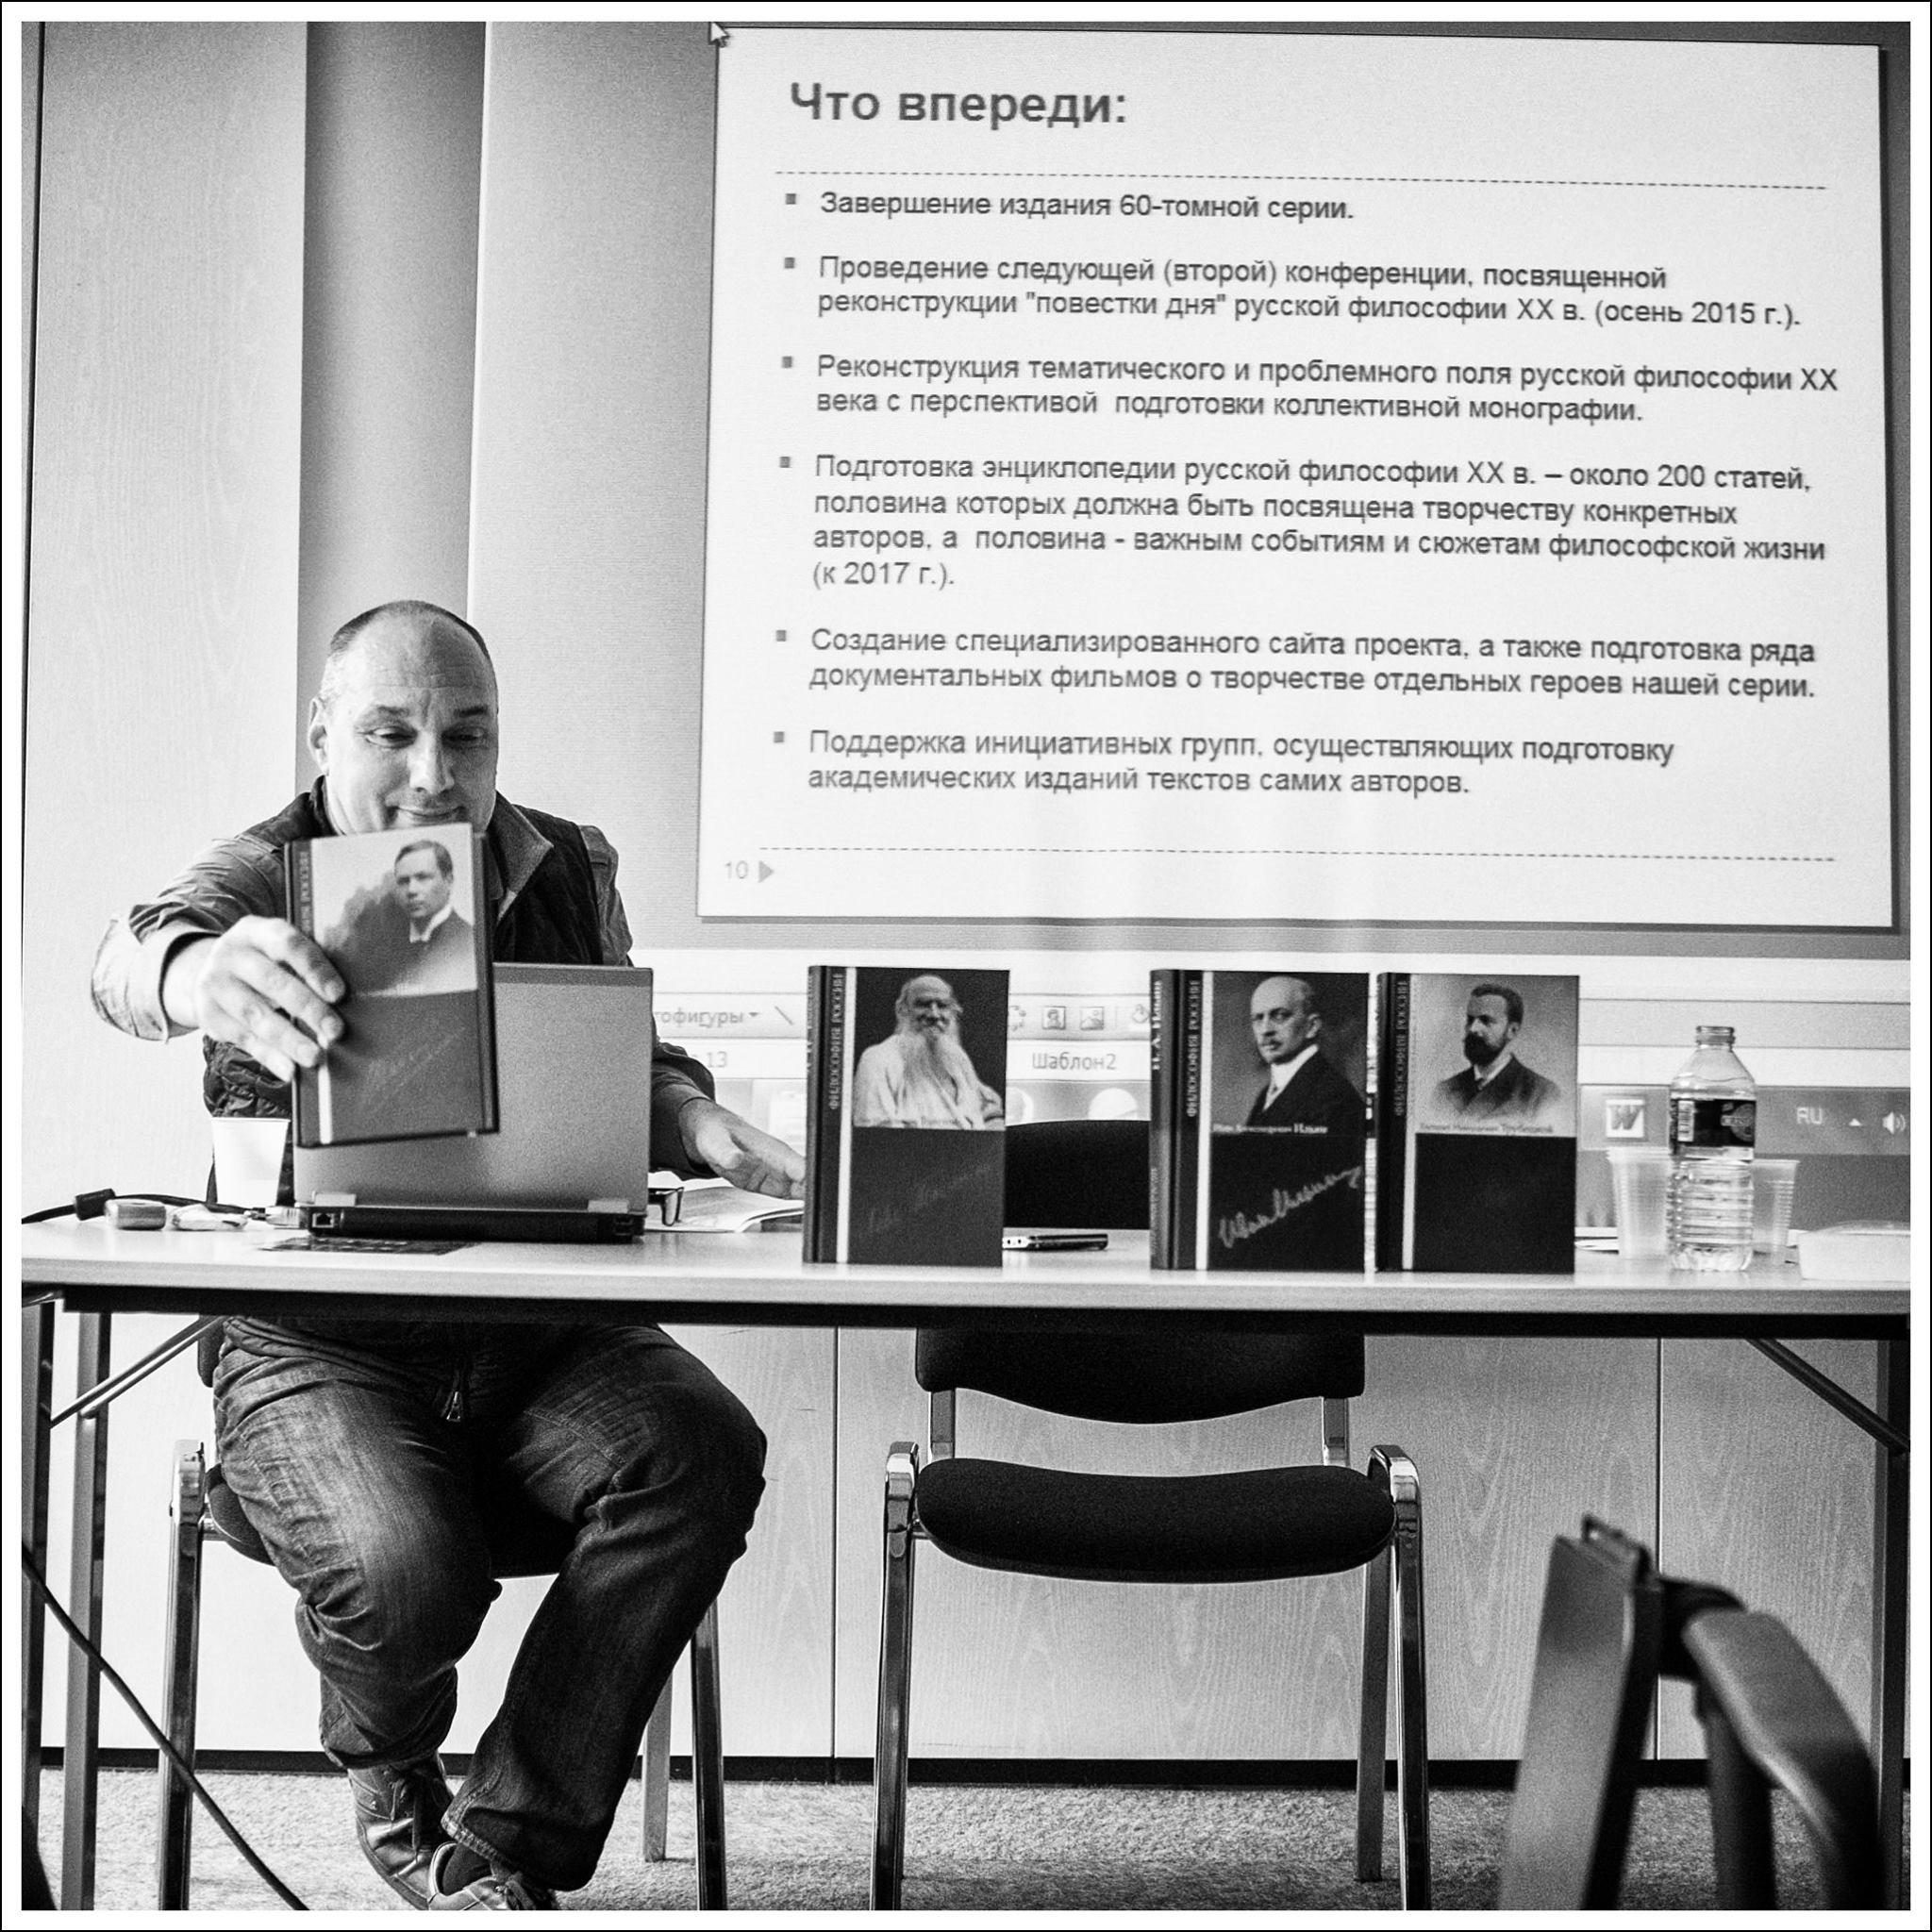 Щедровицкий на презентации серии Русская философия в Париже